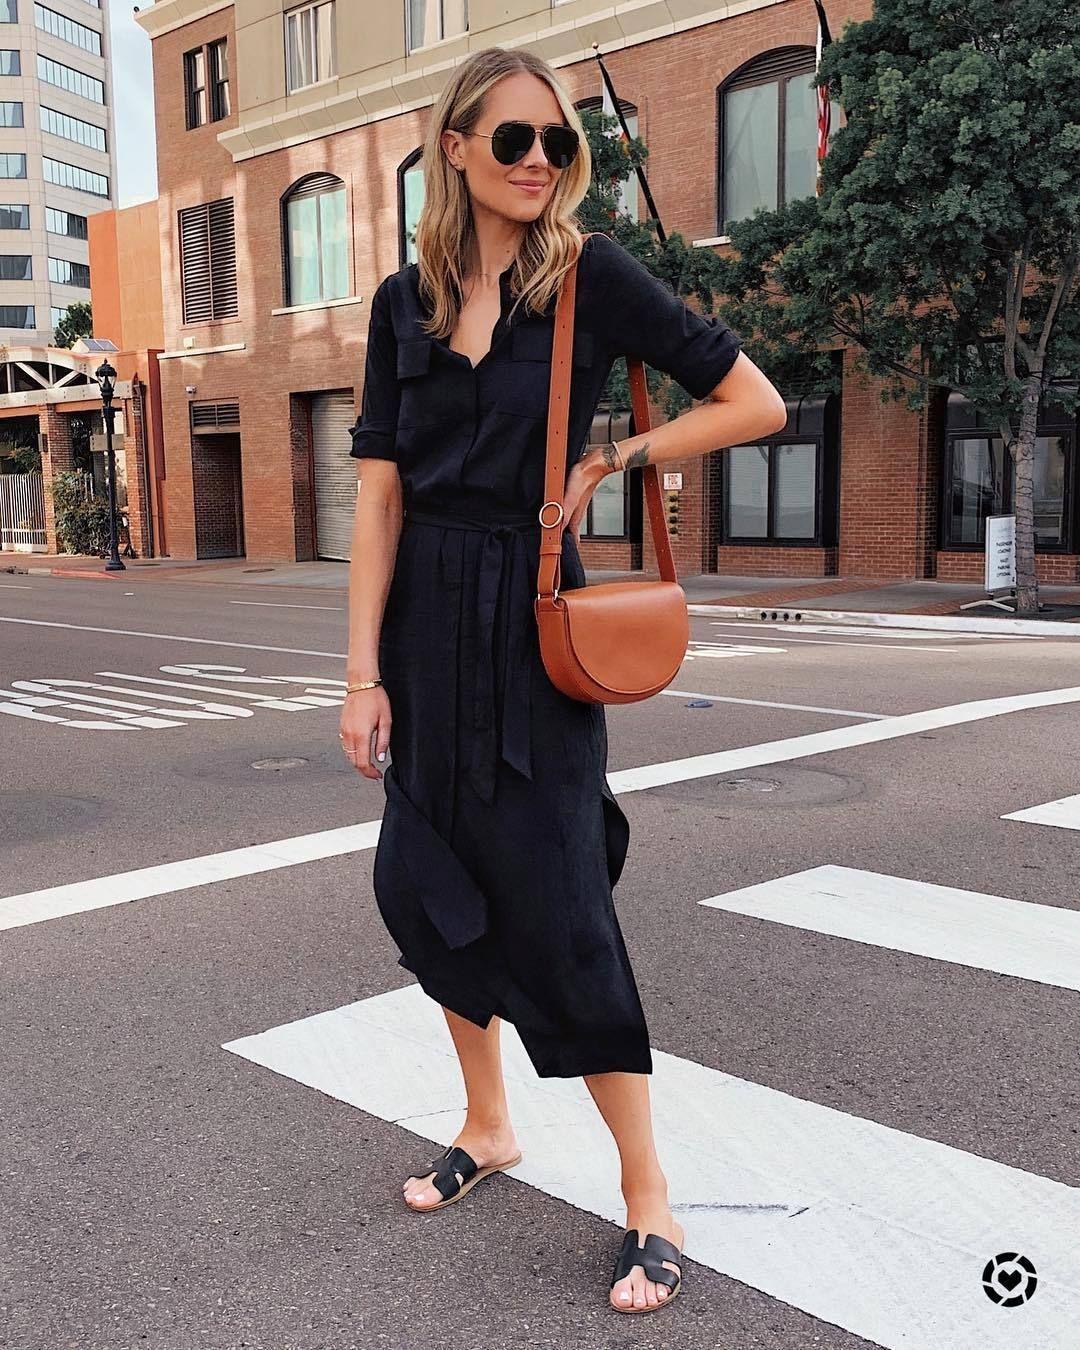 Dress, $79 at shop.nordstrom.com – Wheretoget